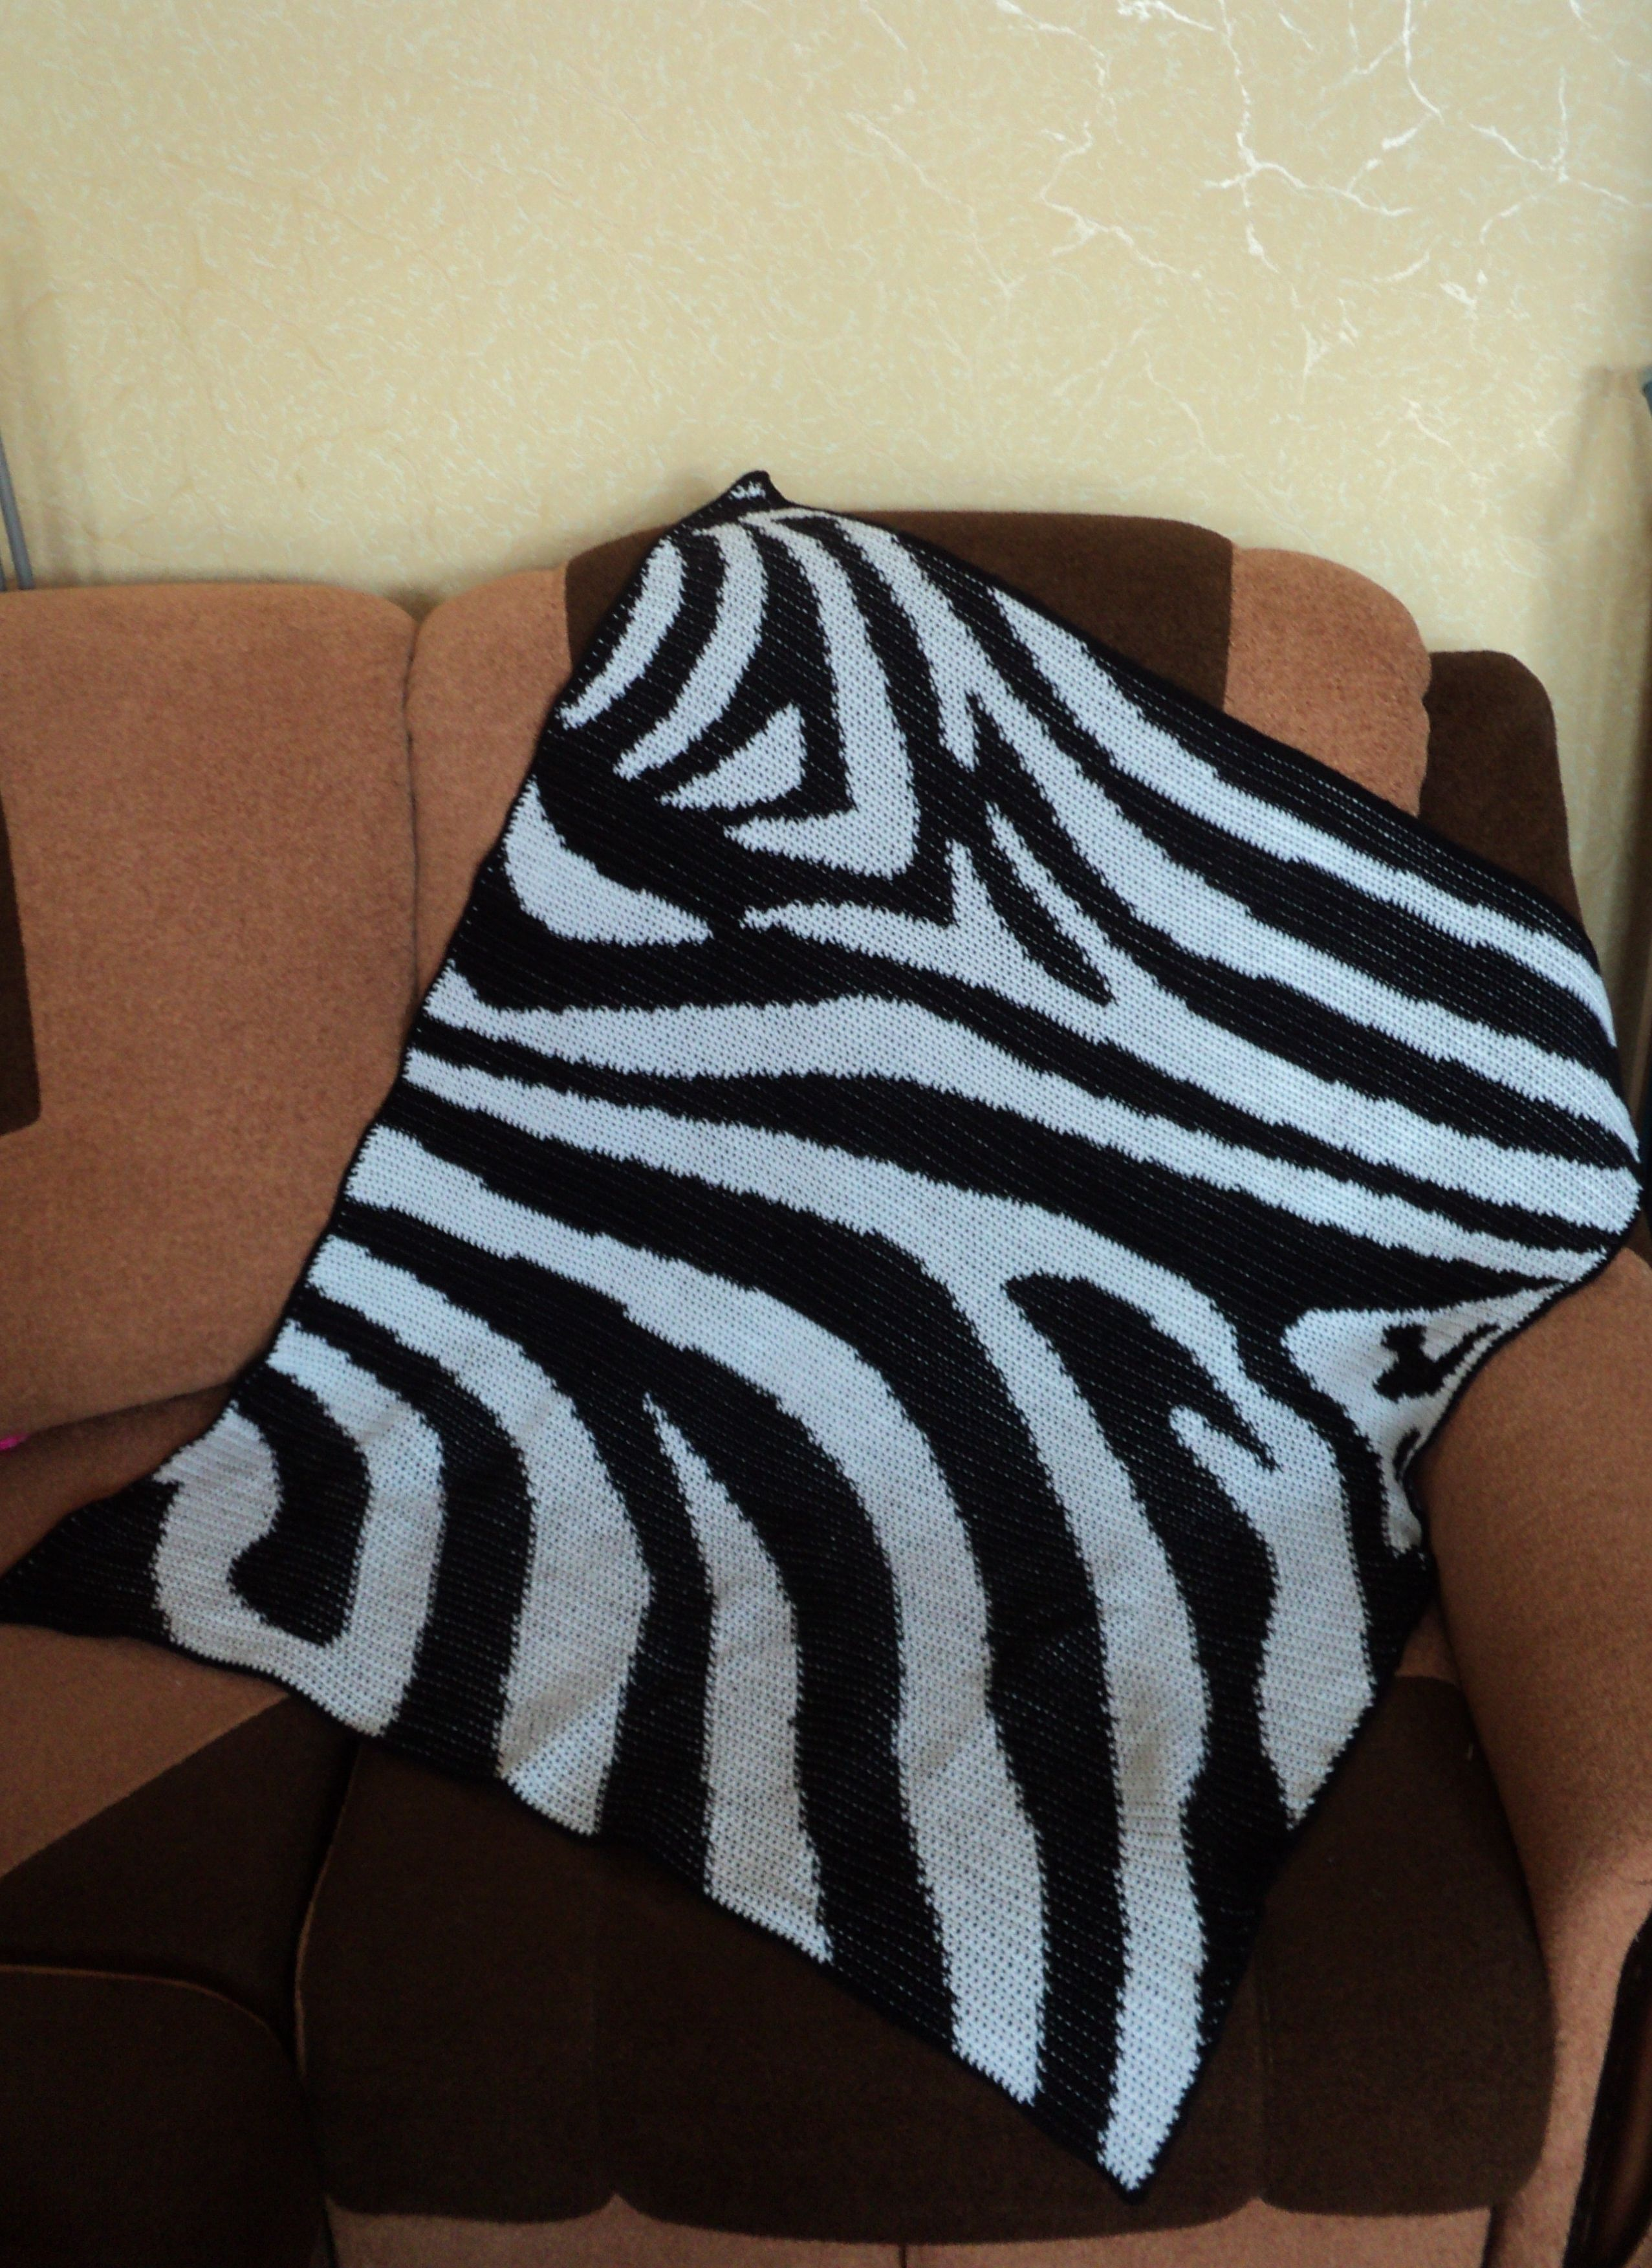 связанныйкрючком детскиепледы вязание текстиль размер вашзаказ одеяльце ребенок уют плед дети